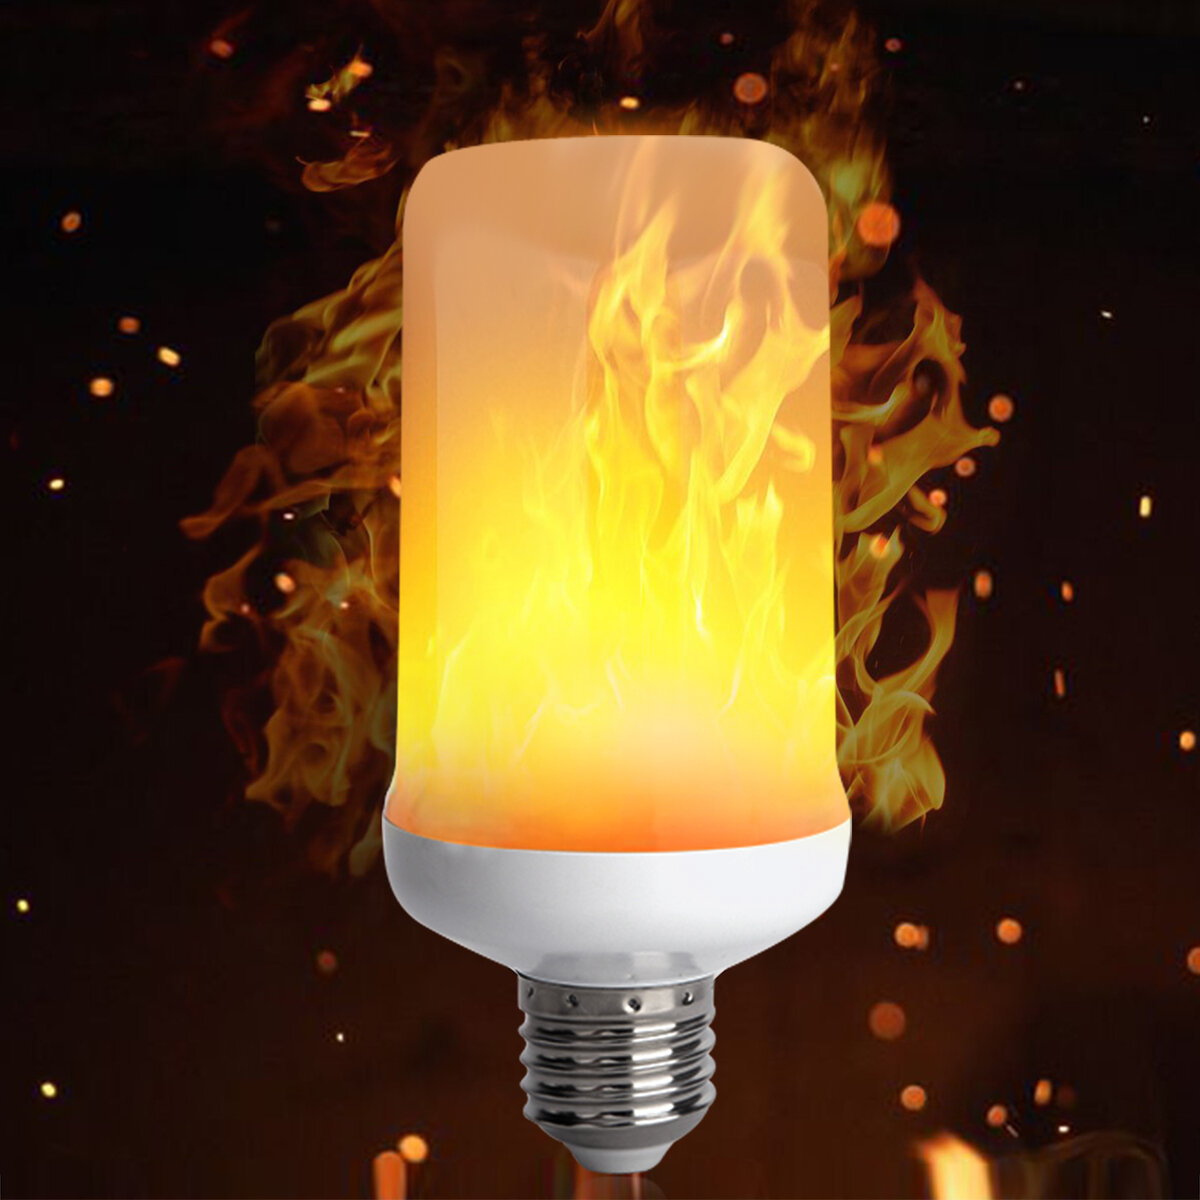 Лампа LED с эффектом пламени в Черновцах